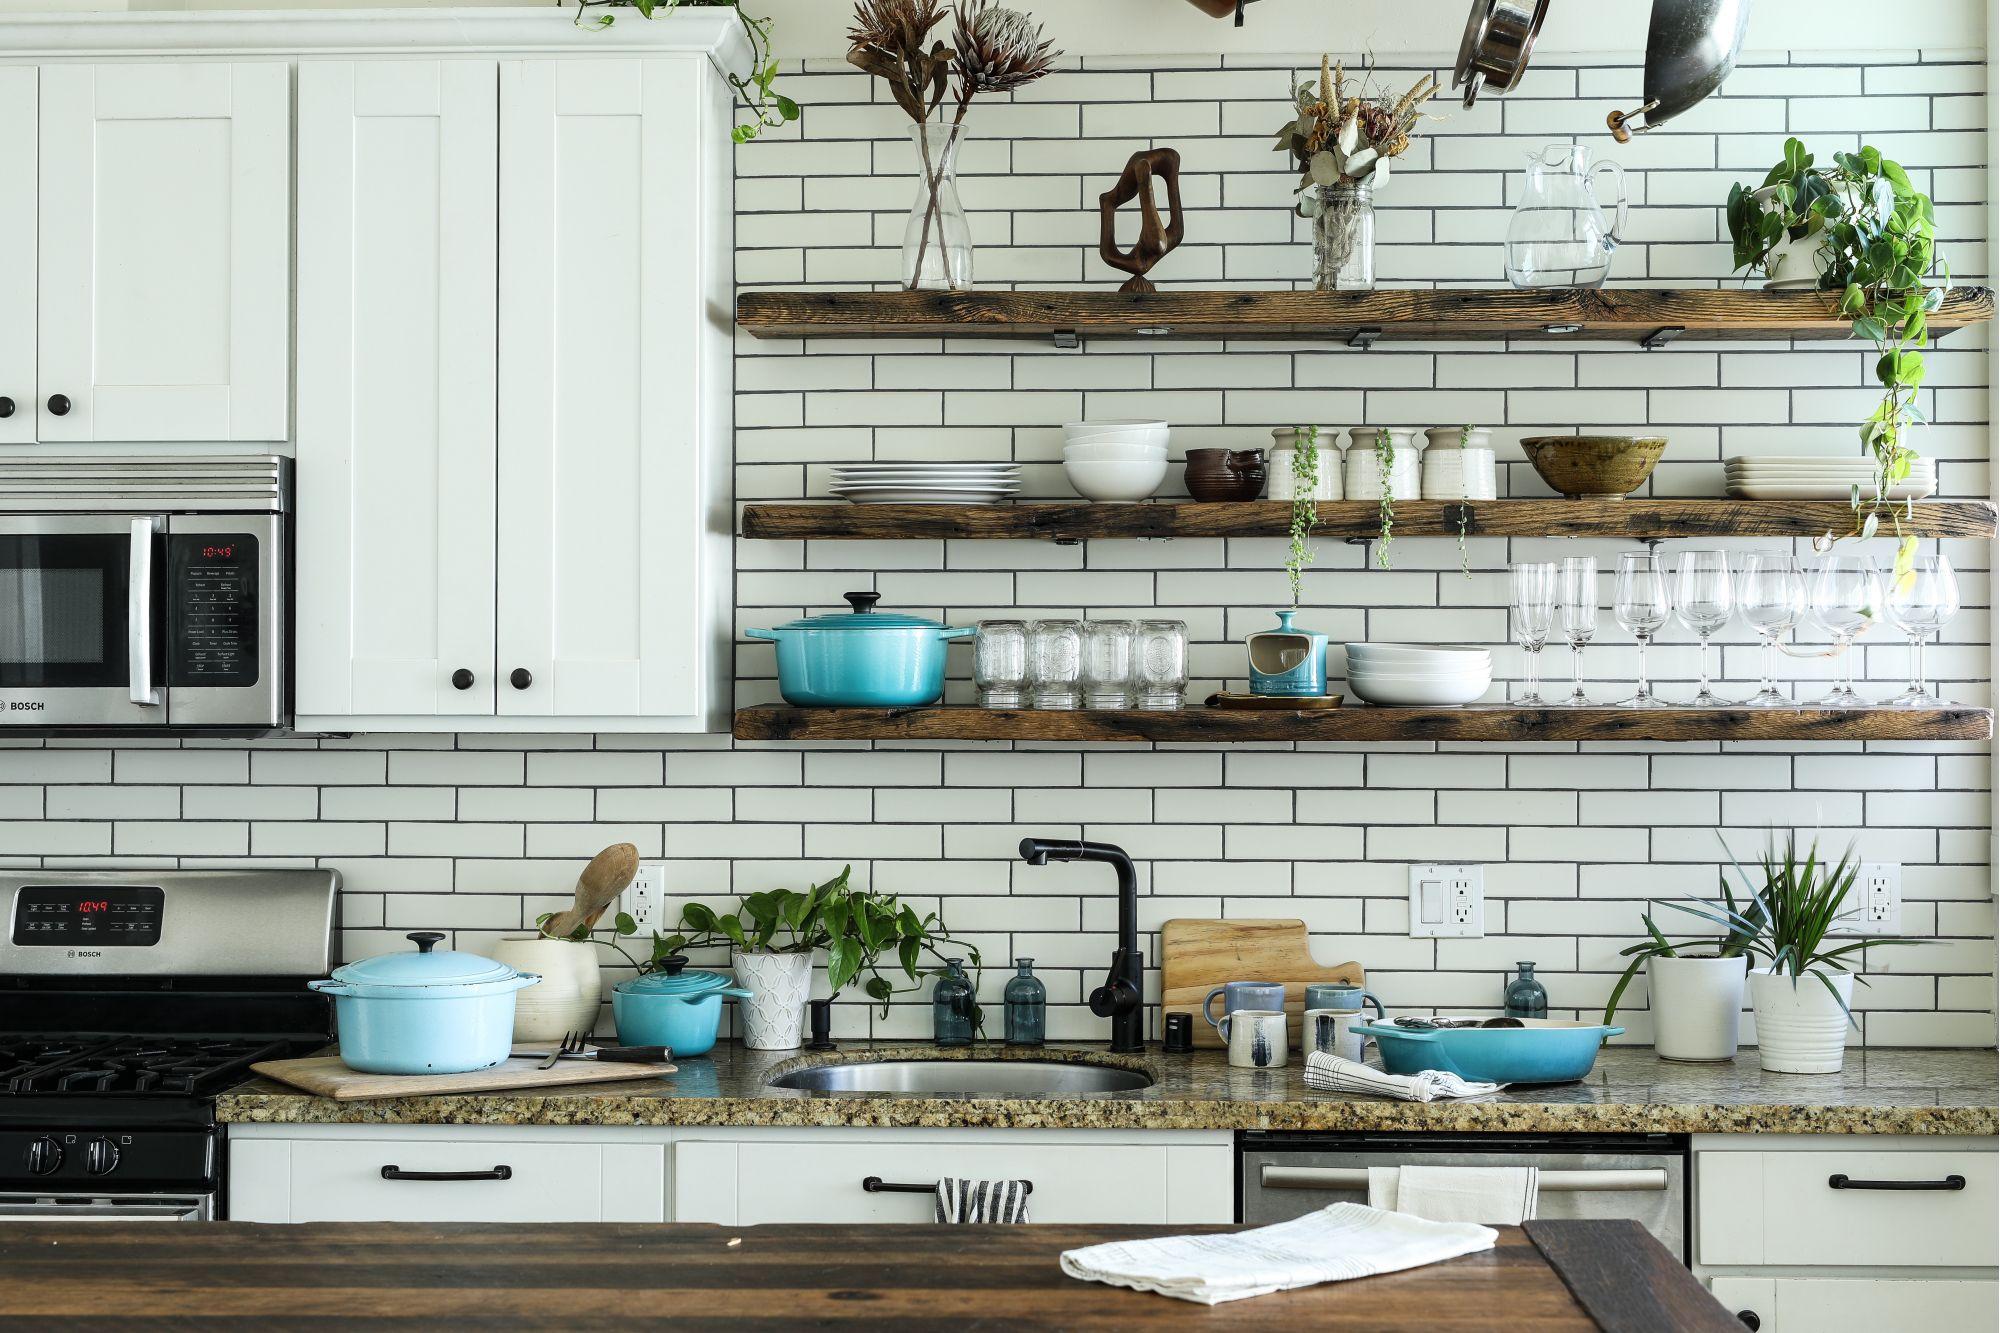 Cucina lineare di stile: materiali, colori, rifiniture